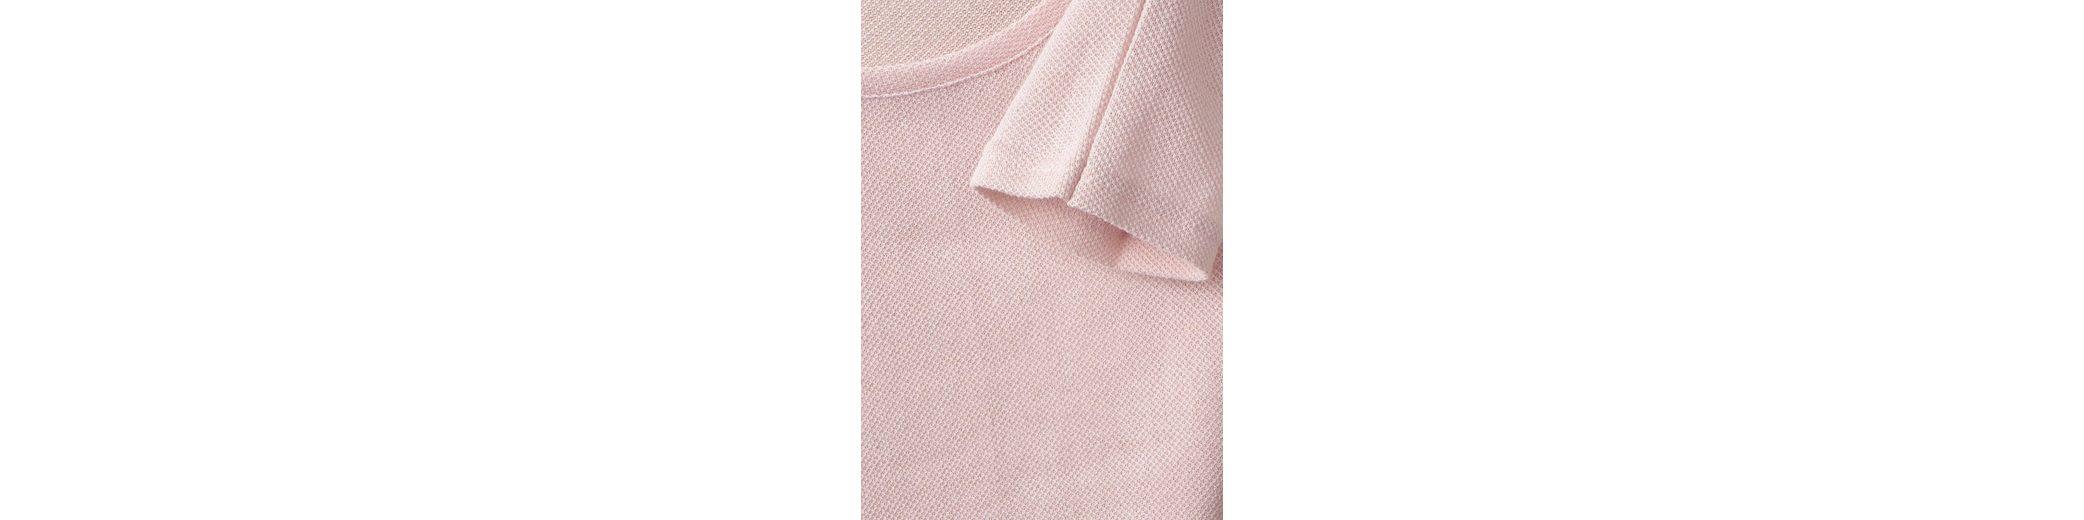 Steckdose Niedrigsten Preis Street One Shirt mit Chiffon Outlet Besten Großhandel NXgUay2f